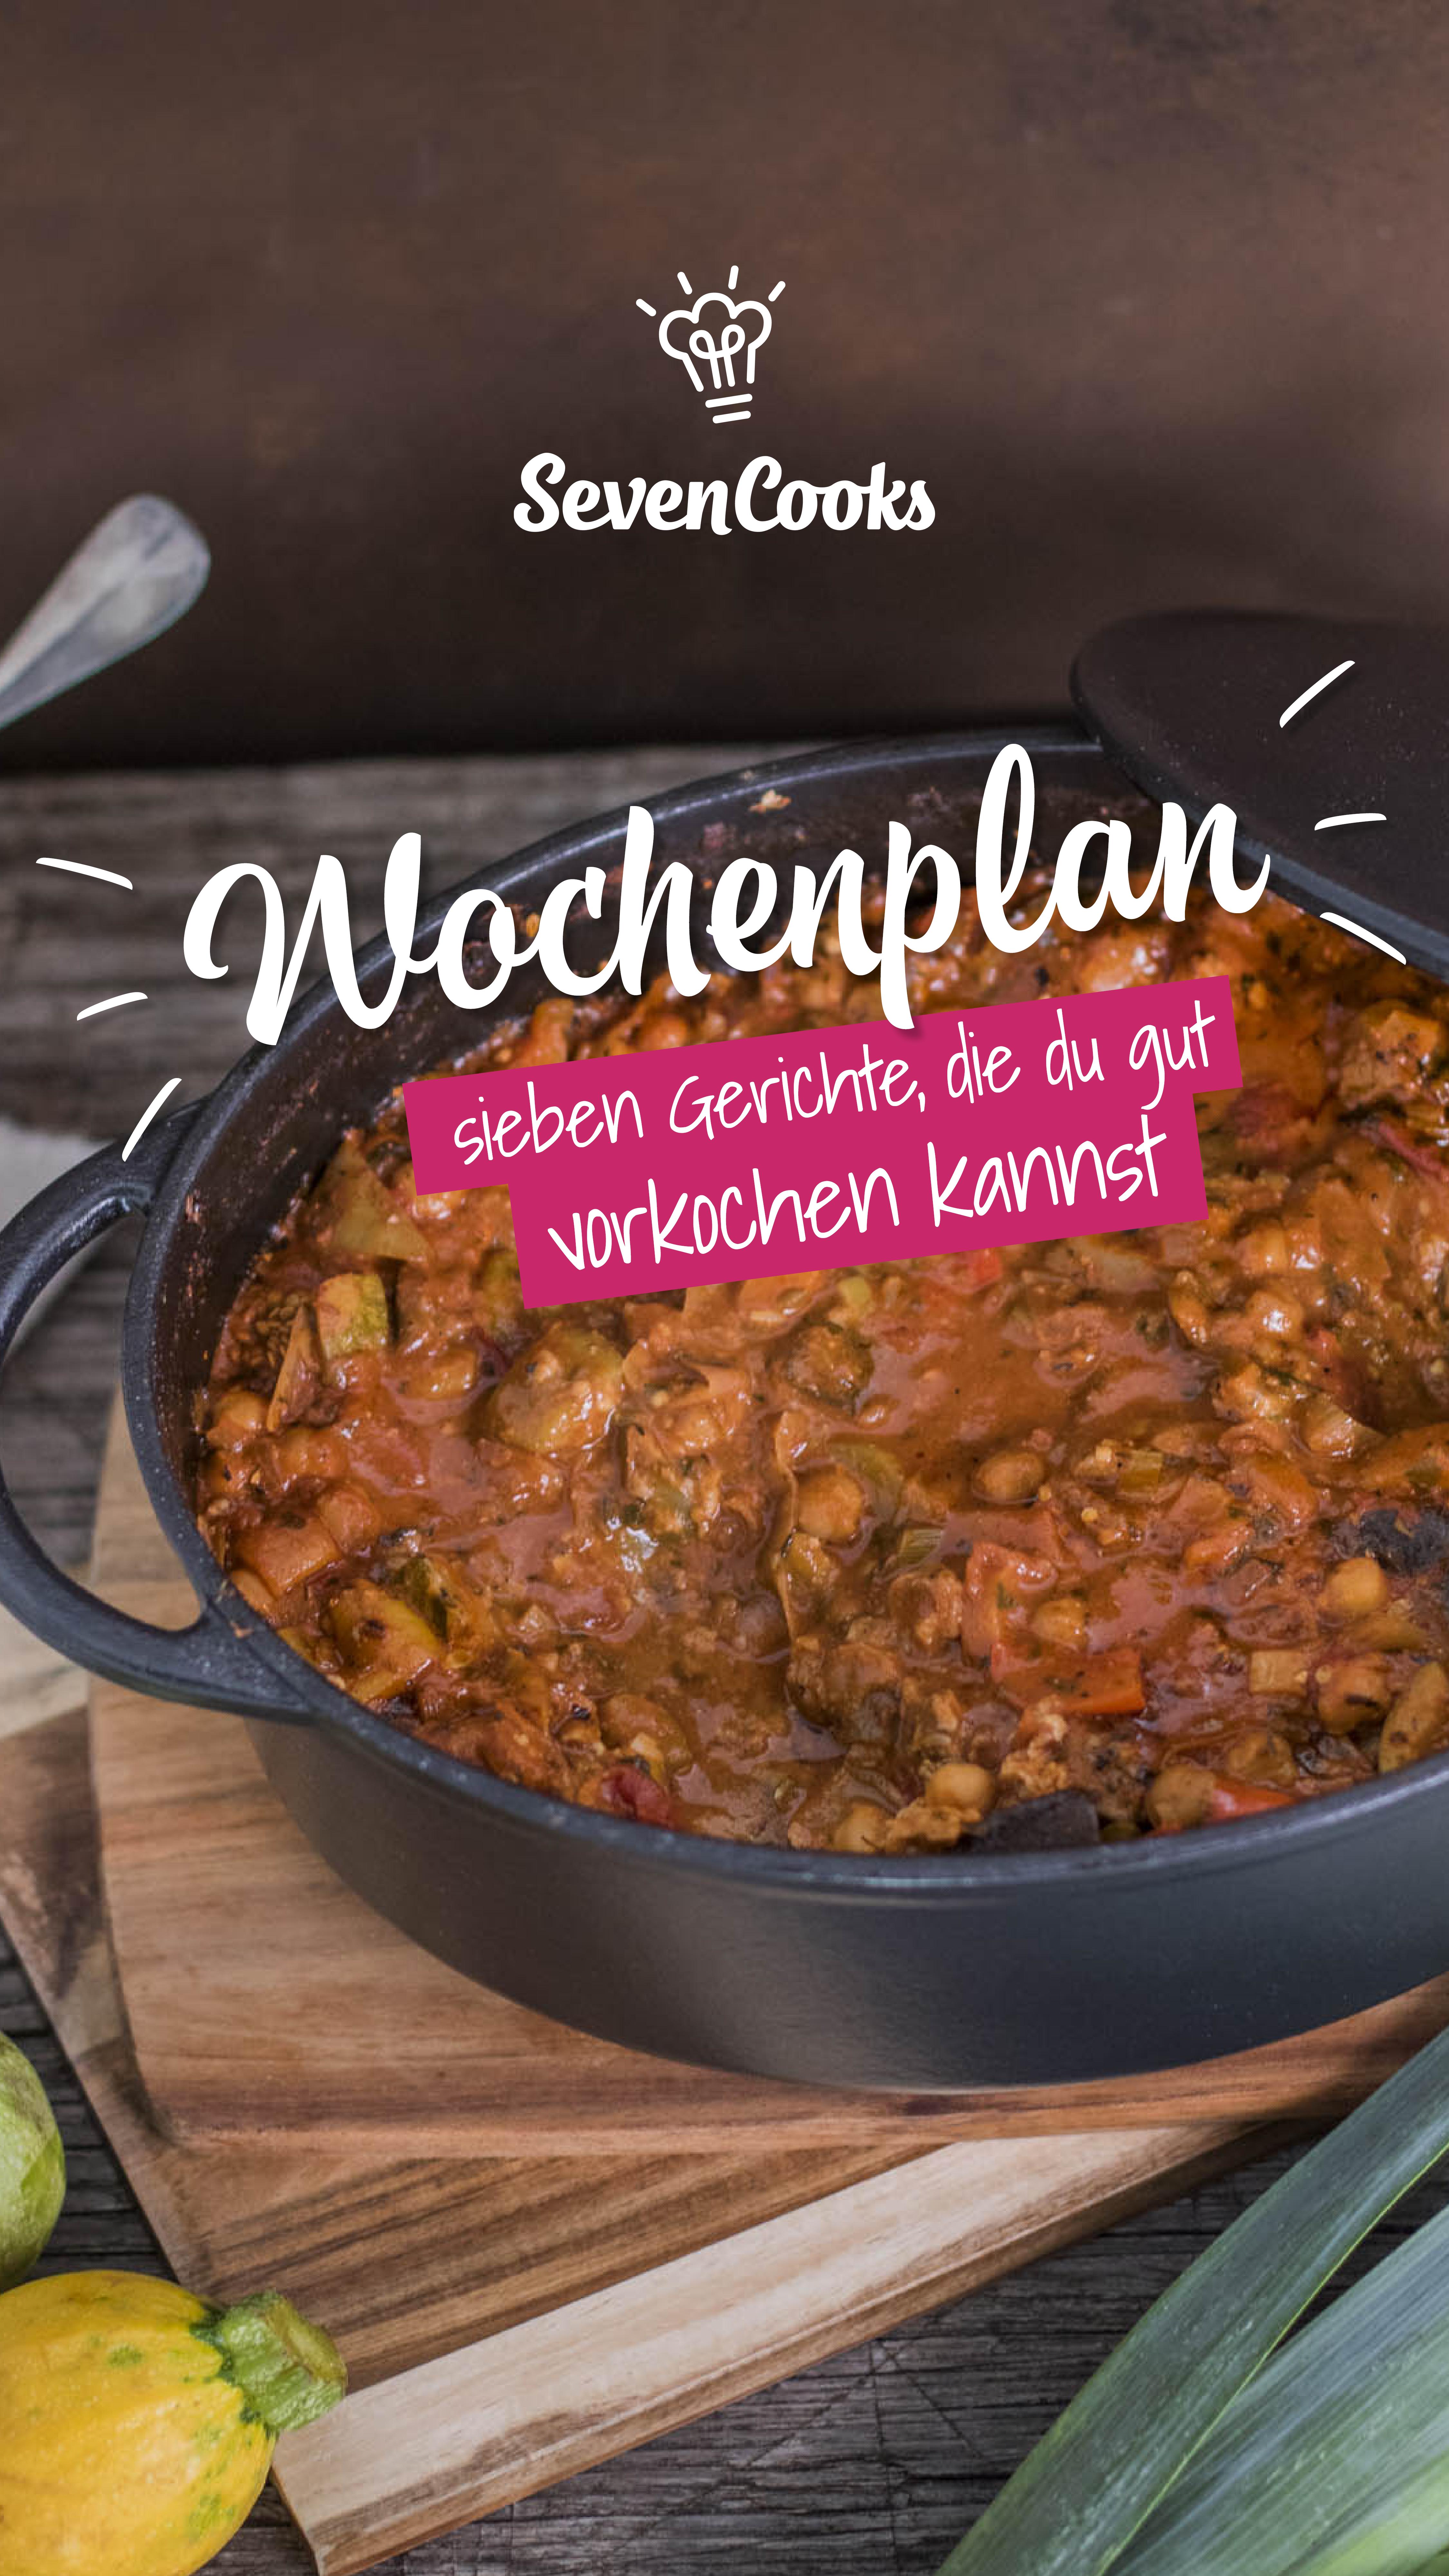 7 Rezepte Die Du Gut Vorkochen Kannst Sevencooks Wochenpläne